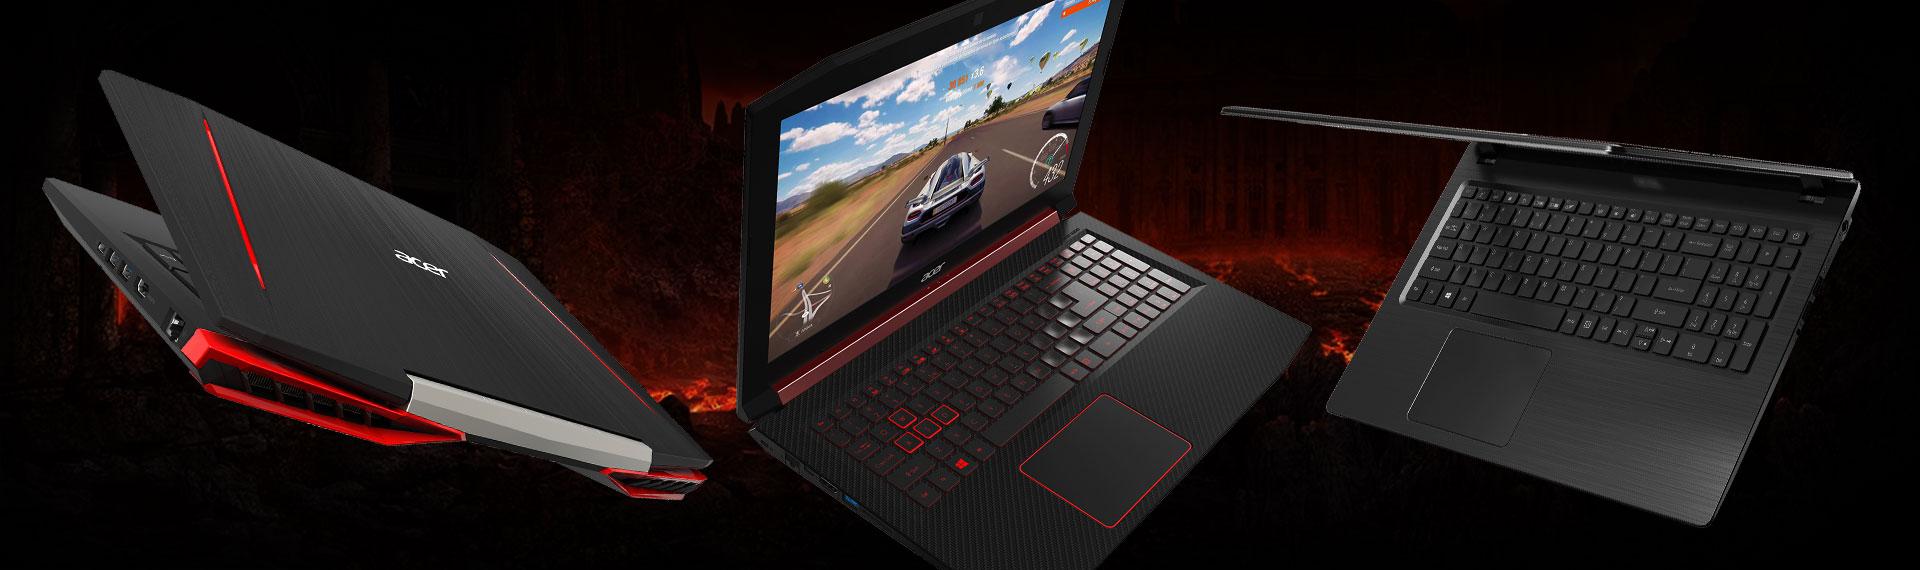 Puas Main Game dengan Laptop Baru Murah dari Predator!